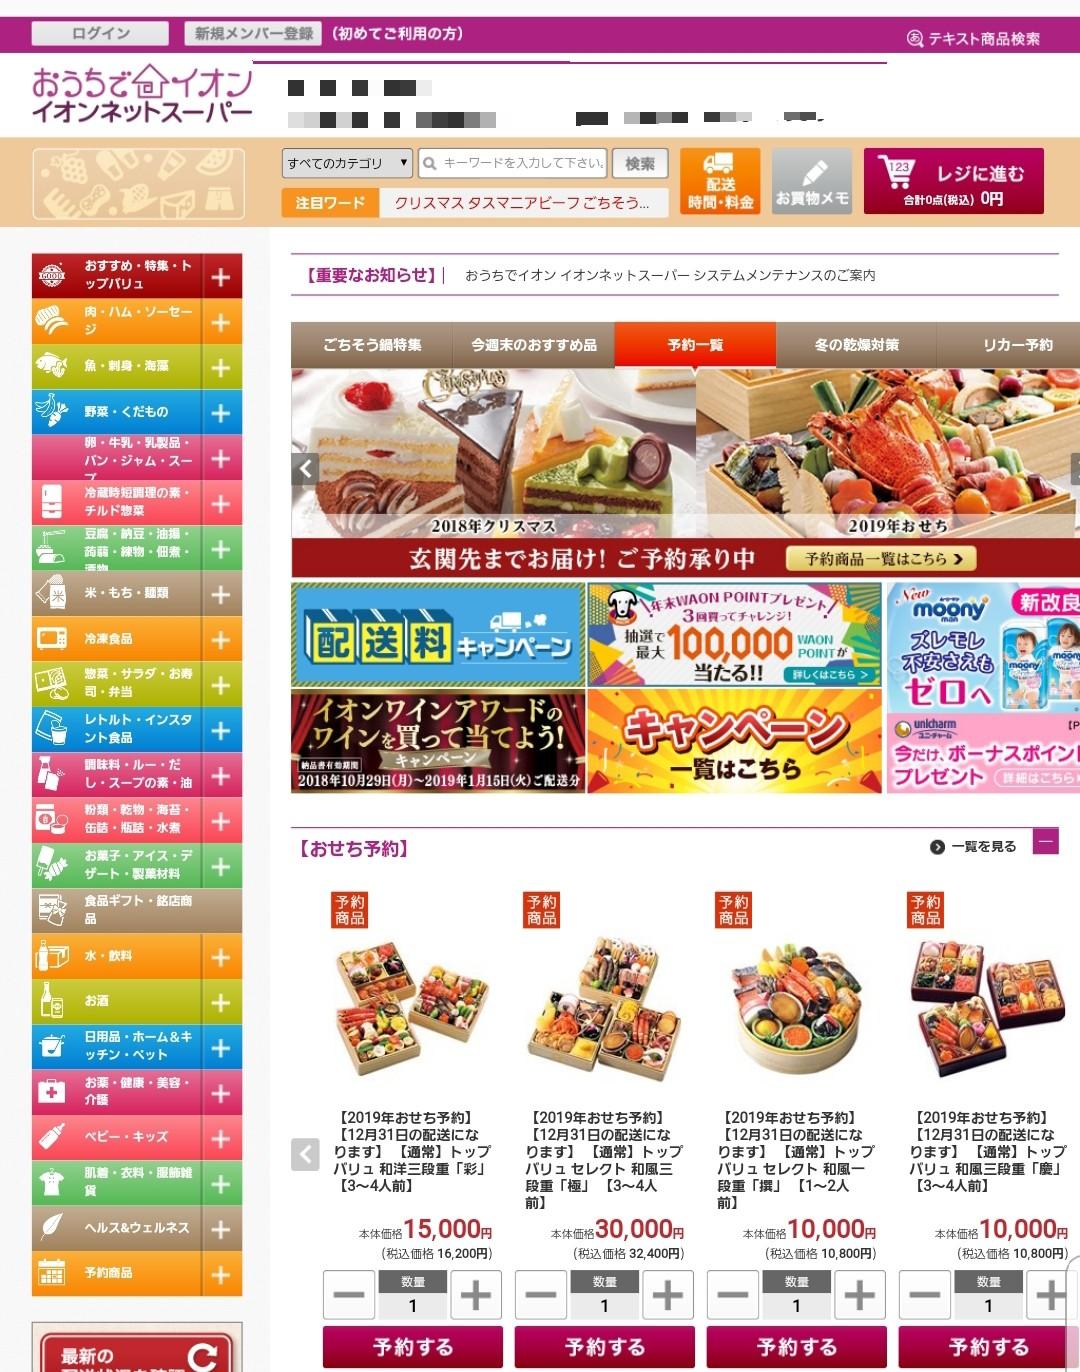 イオンモール,宅配サービス,便利おすすめ,食品惣菜,よもぎブログ